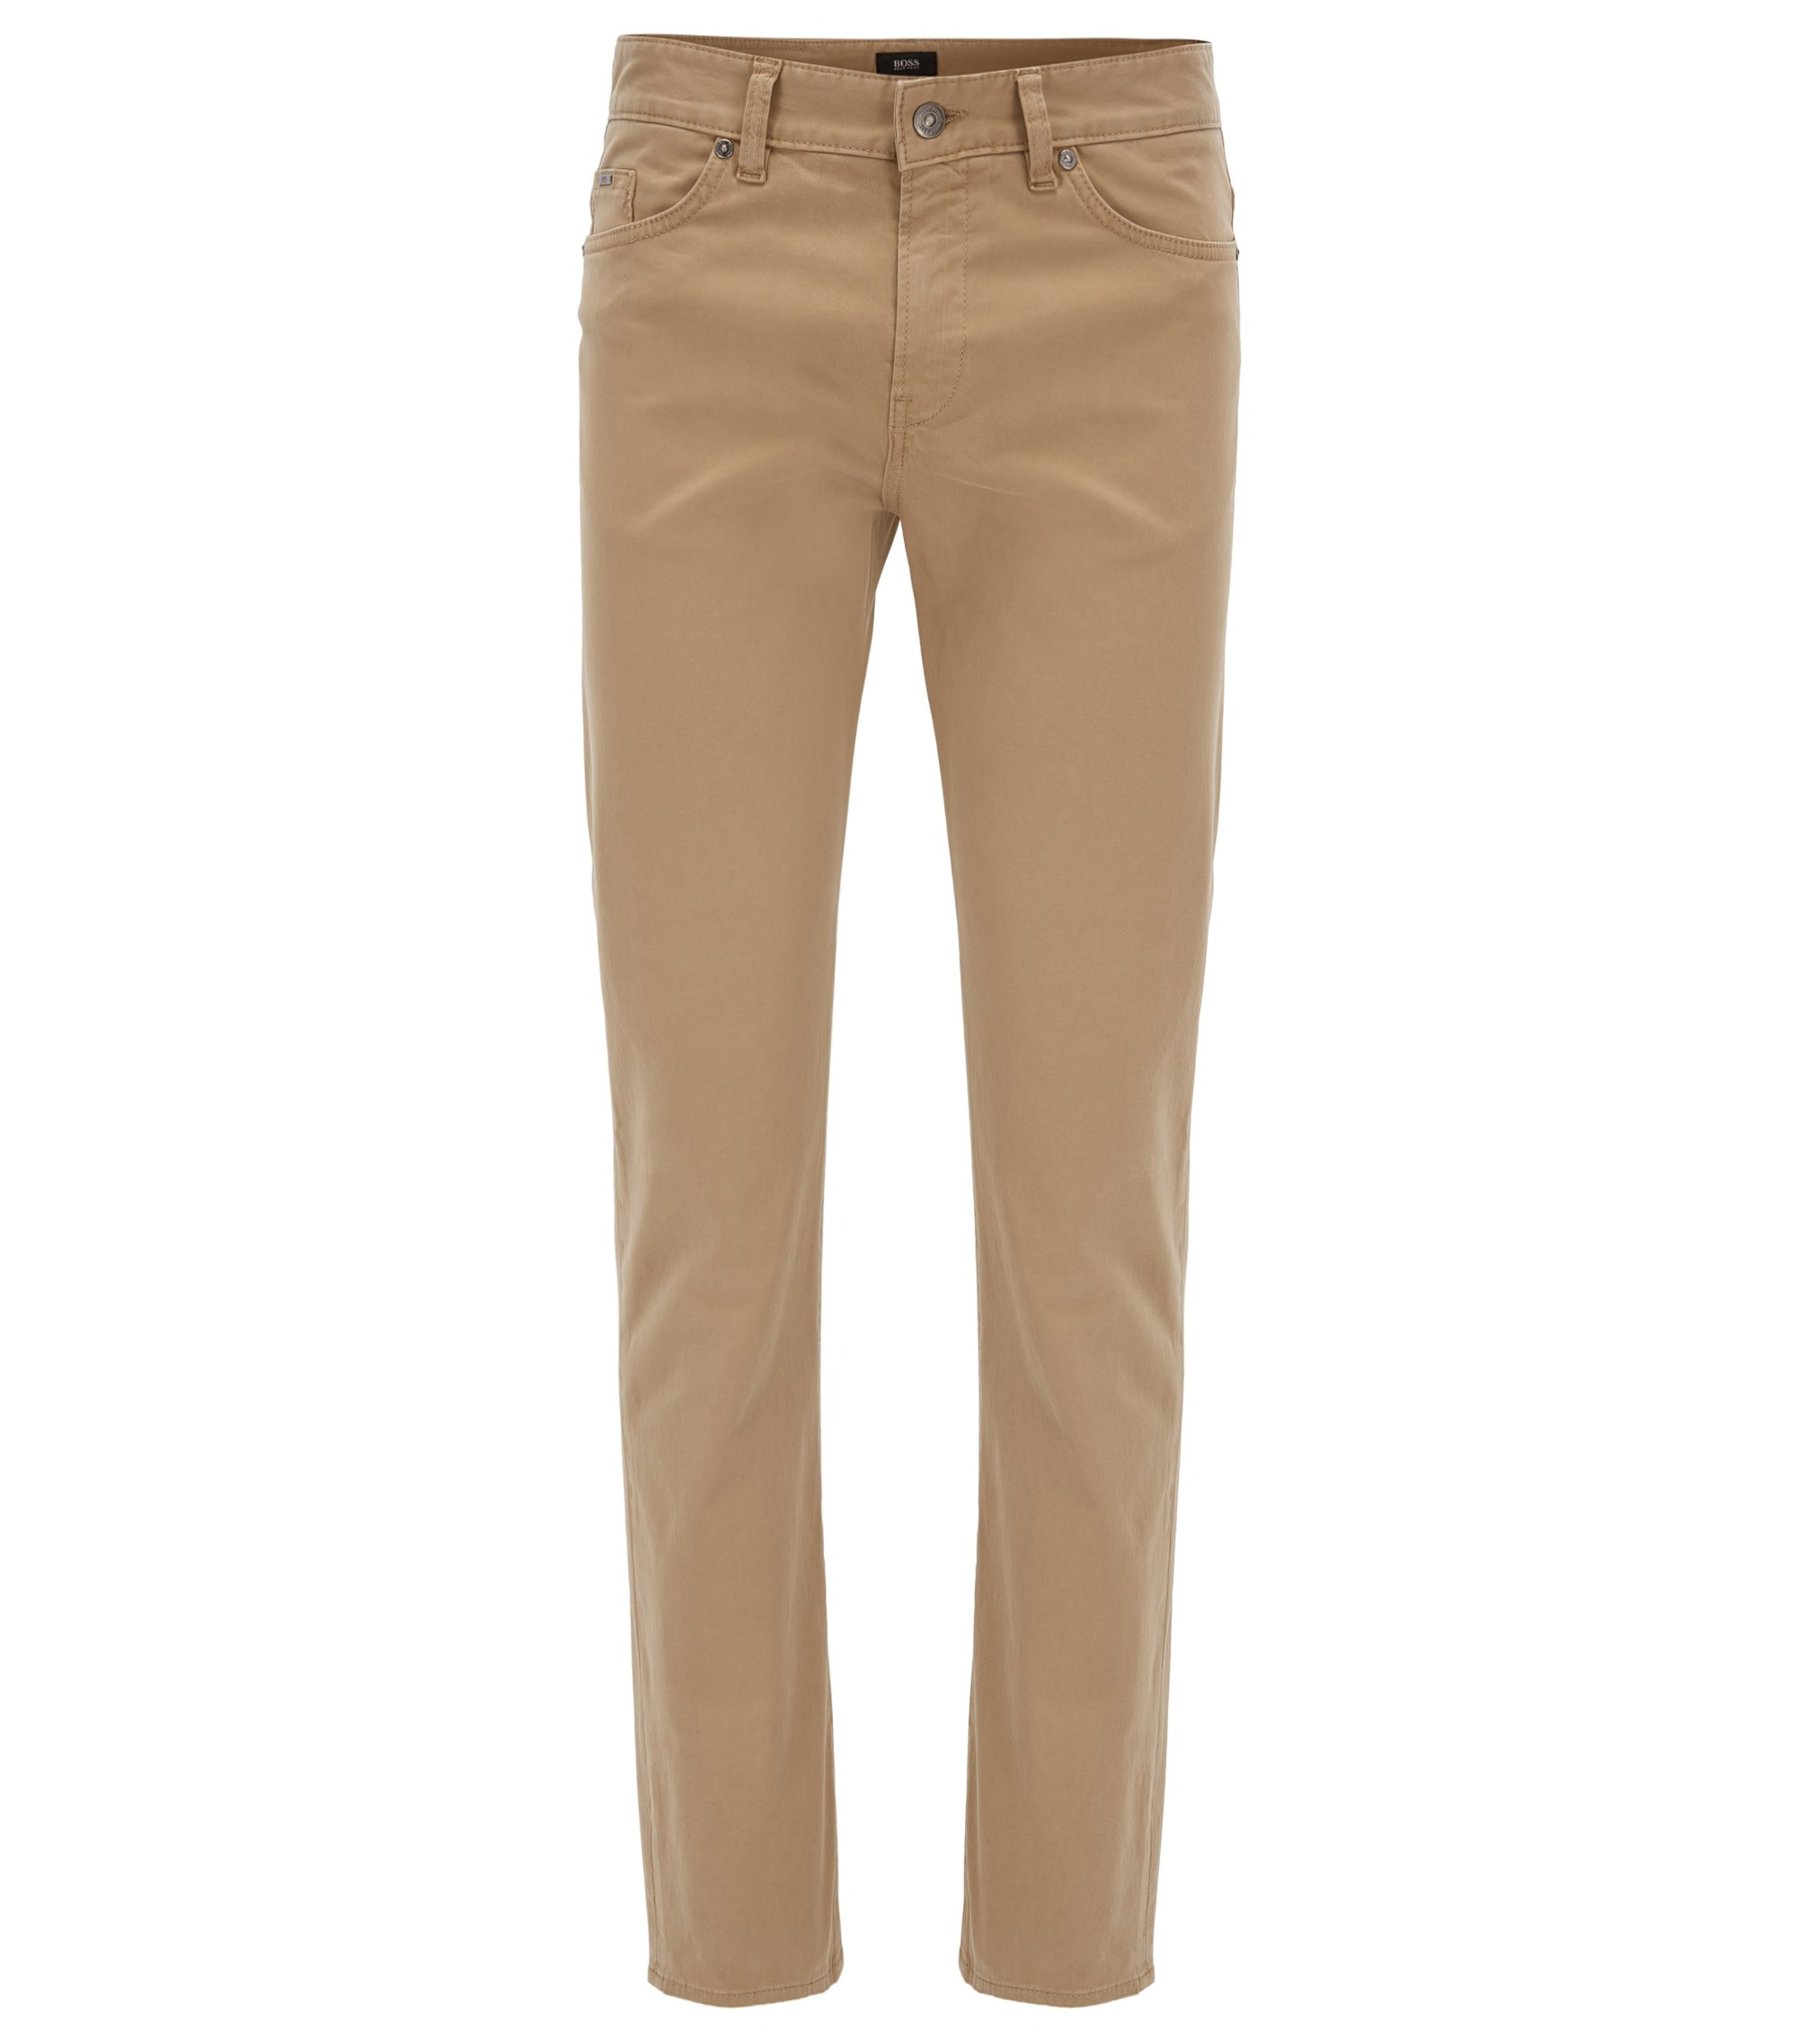 Slim-Fit Jeans aus gebürstetem Stretch-Denim mit Satin-Finish, Beige